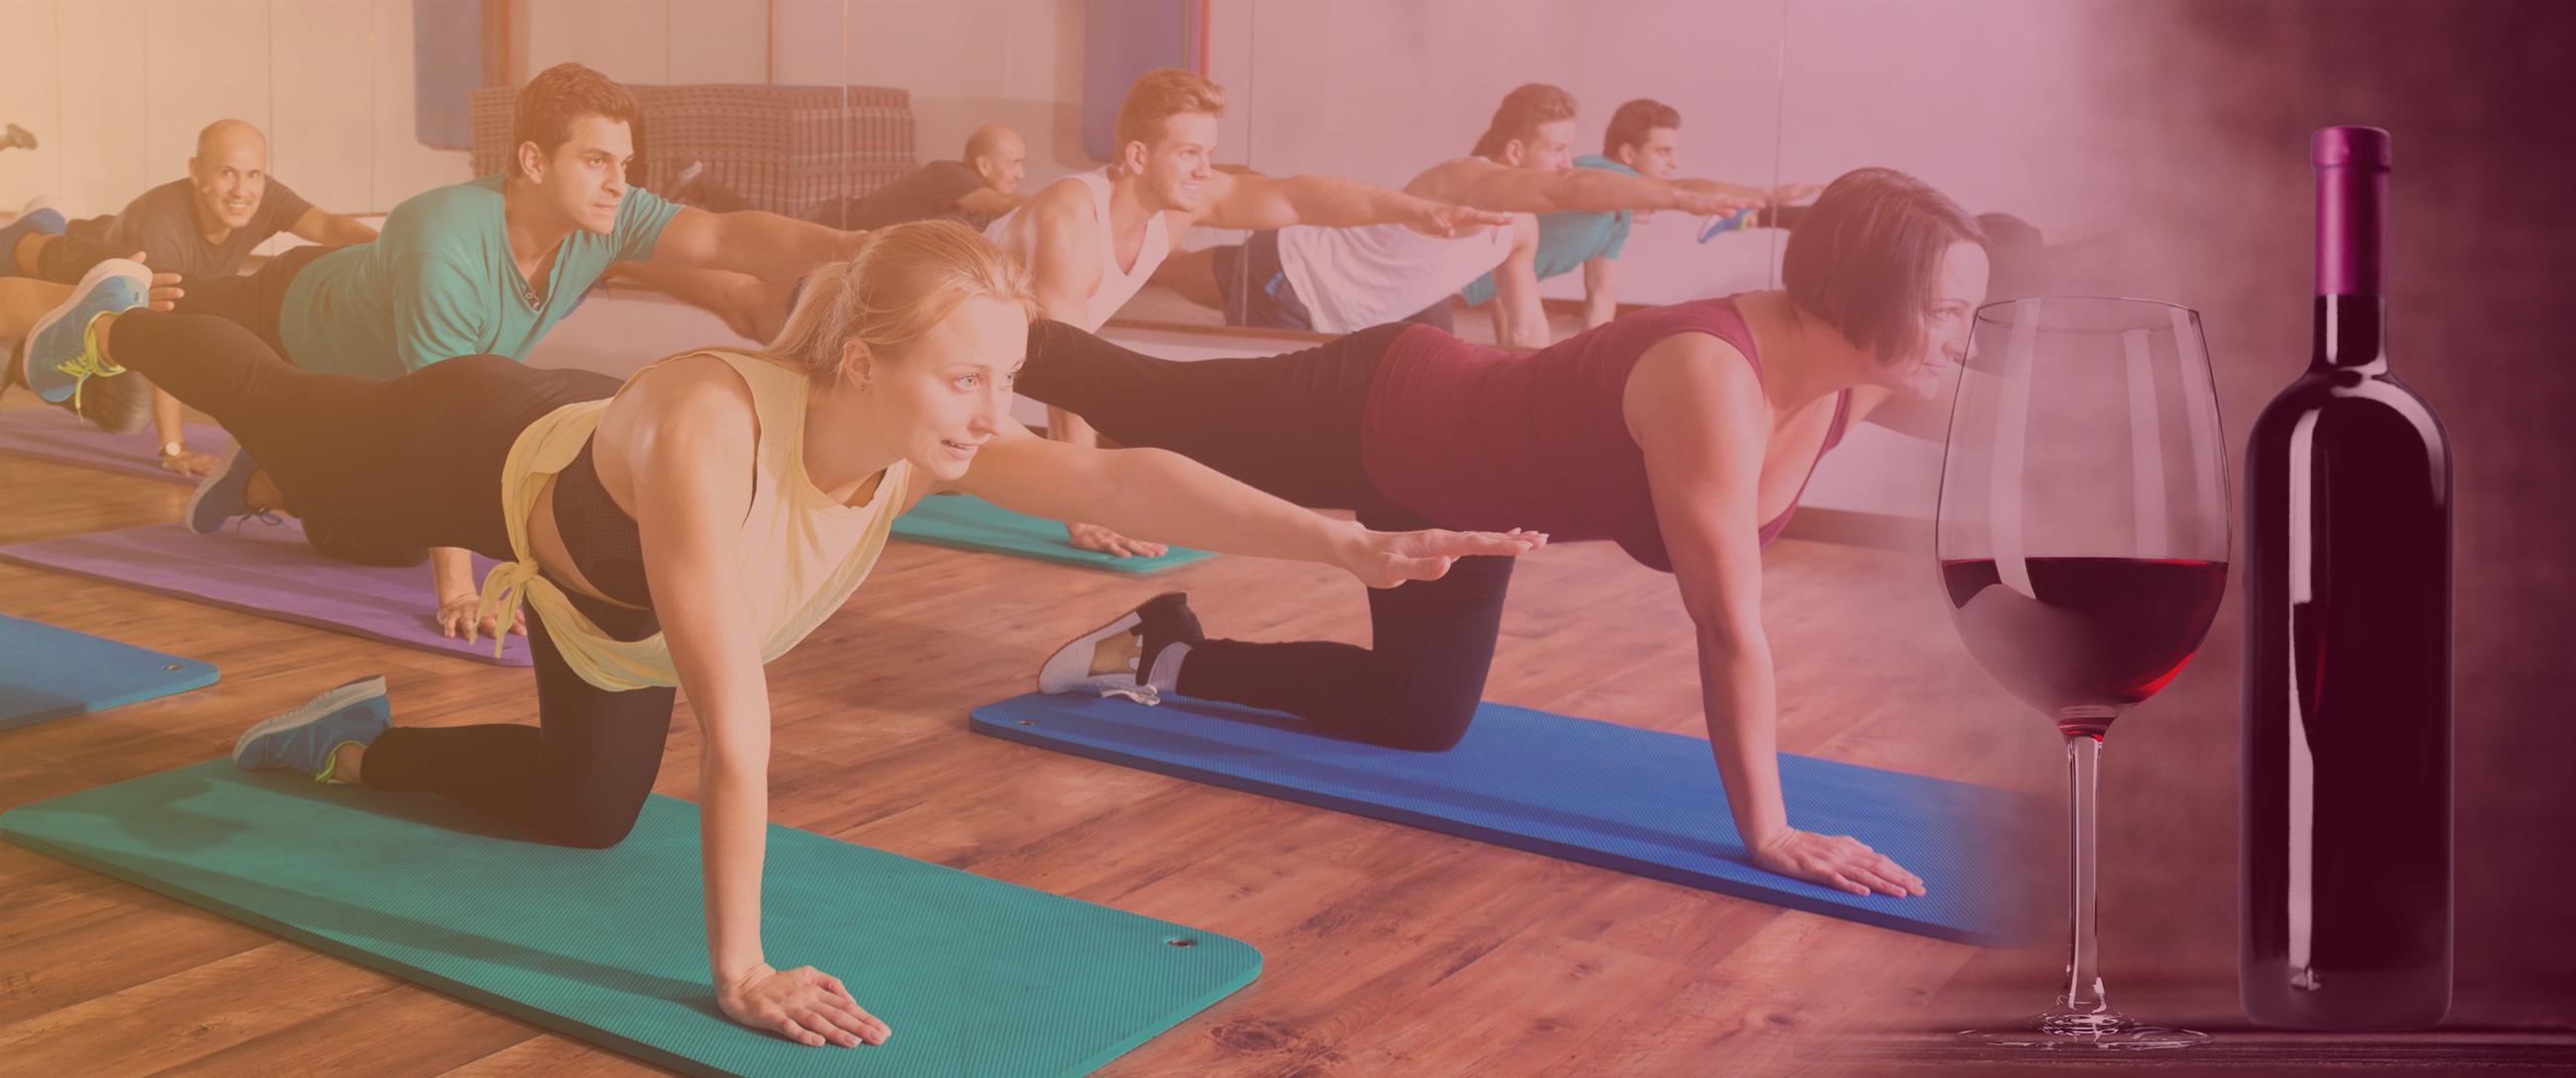 Agence evenementielle team building yoga et vins